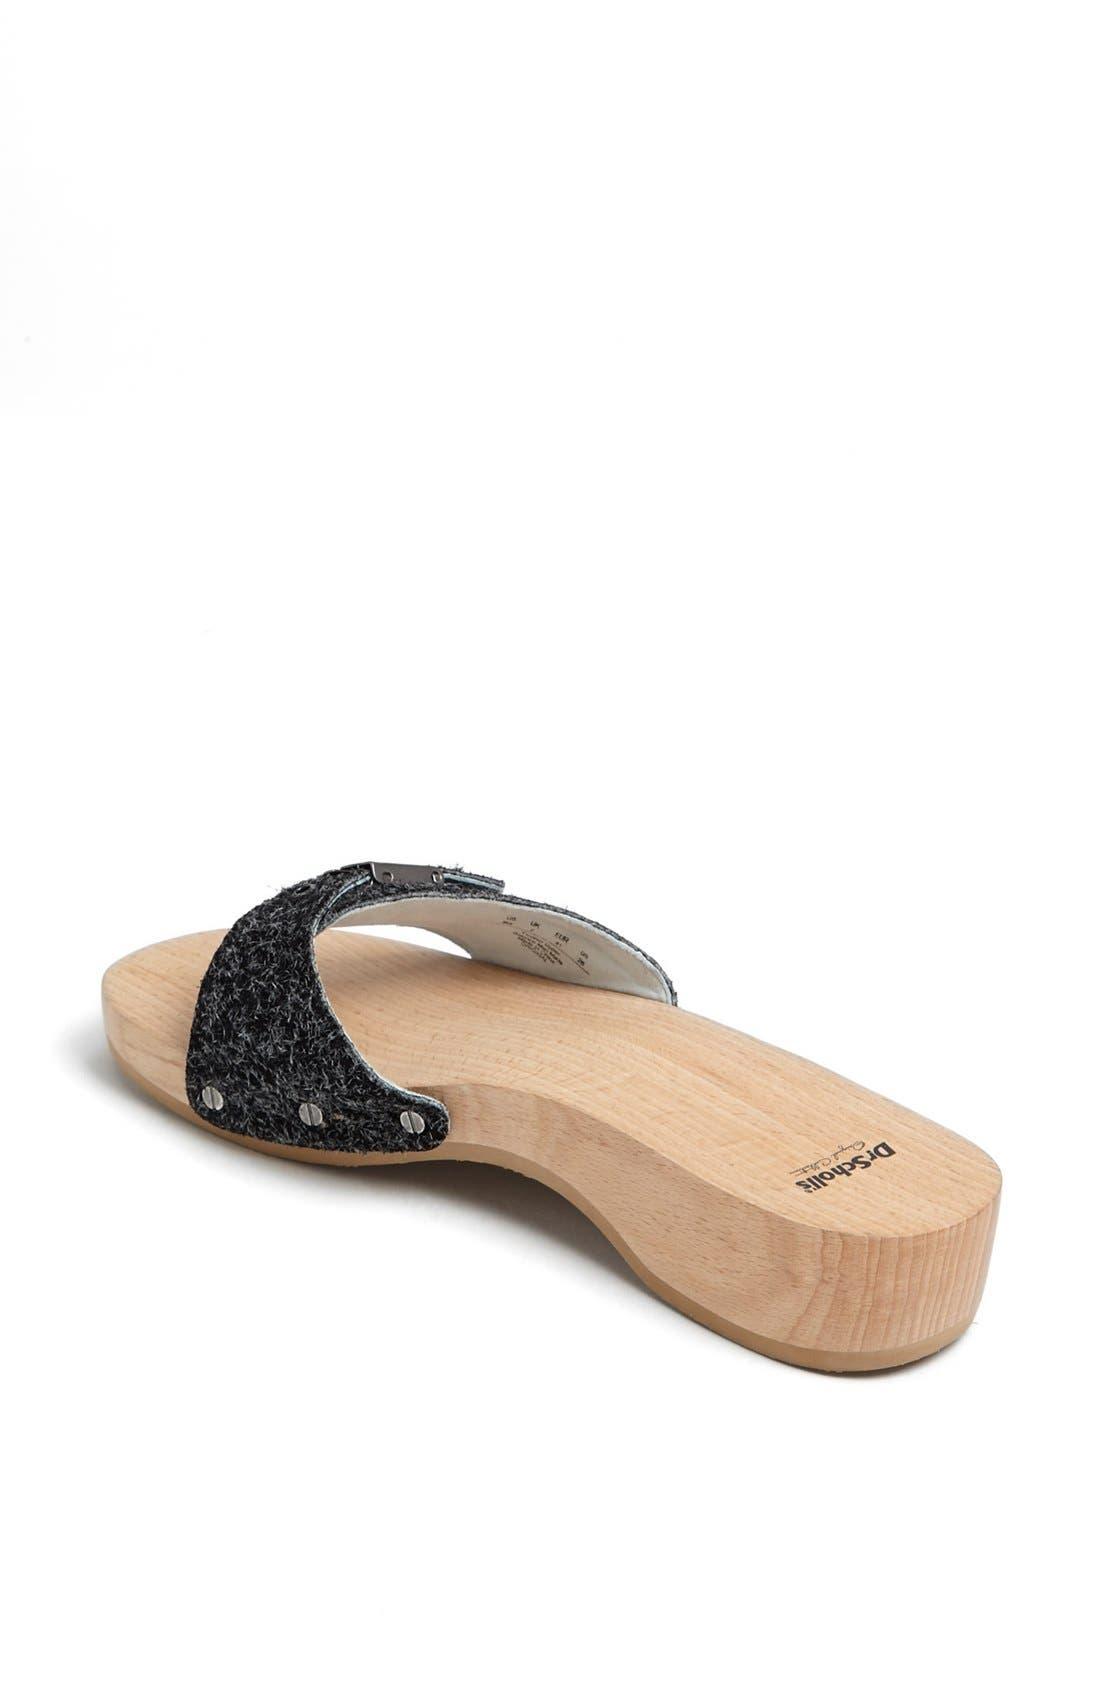 Alternate Image 2  - Dr. Scholl's 'Original' Sandal